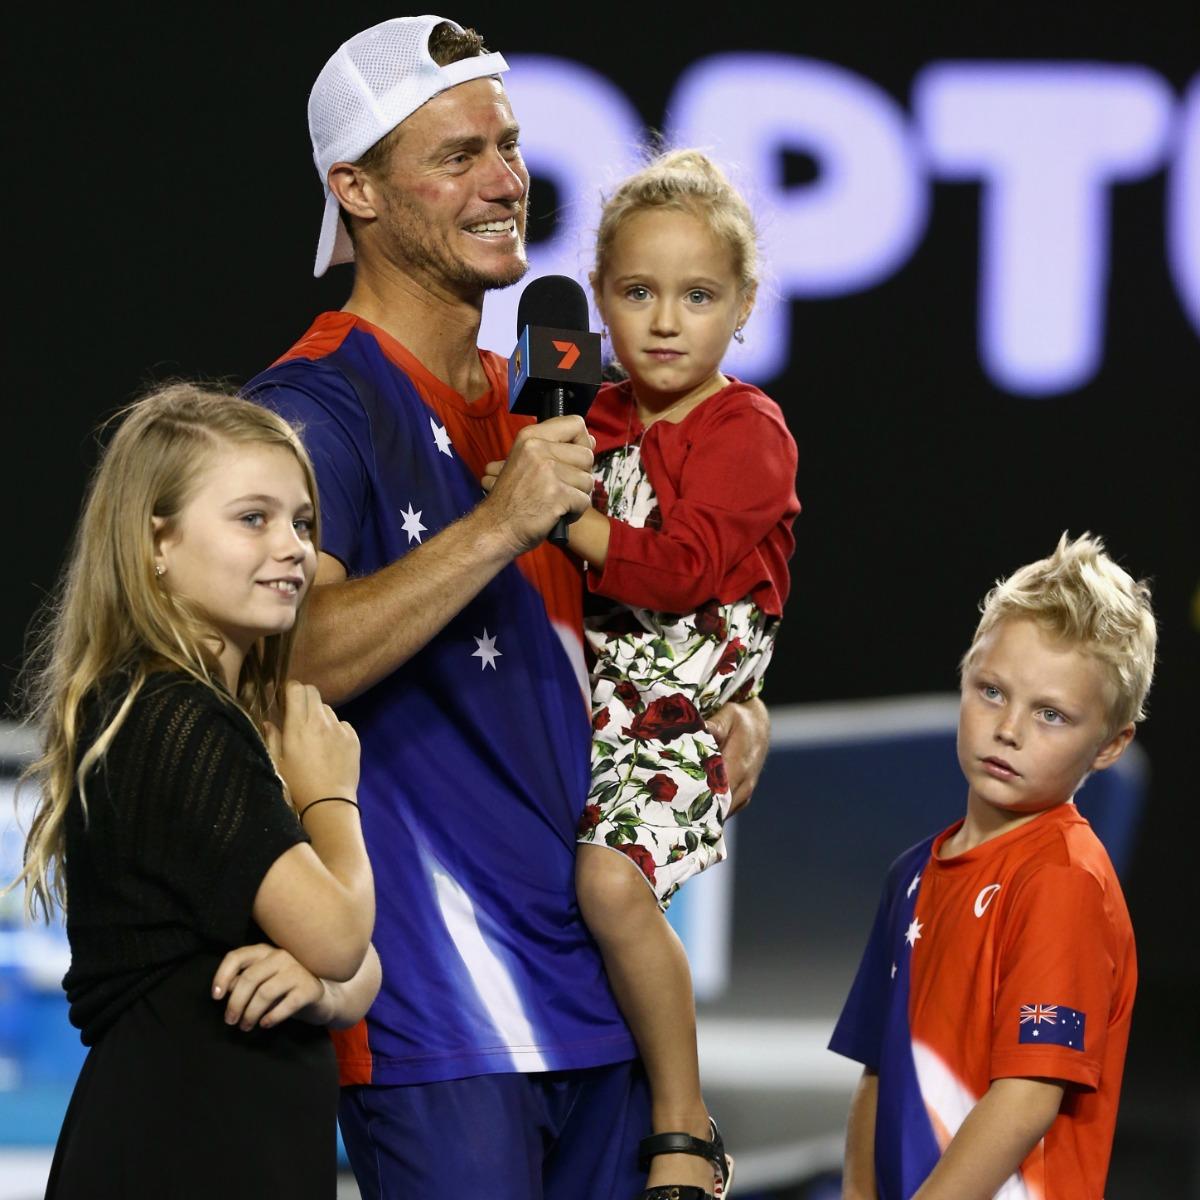 Новак Джокович: Это одно из самых тяжелых поражений в моей карьере